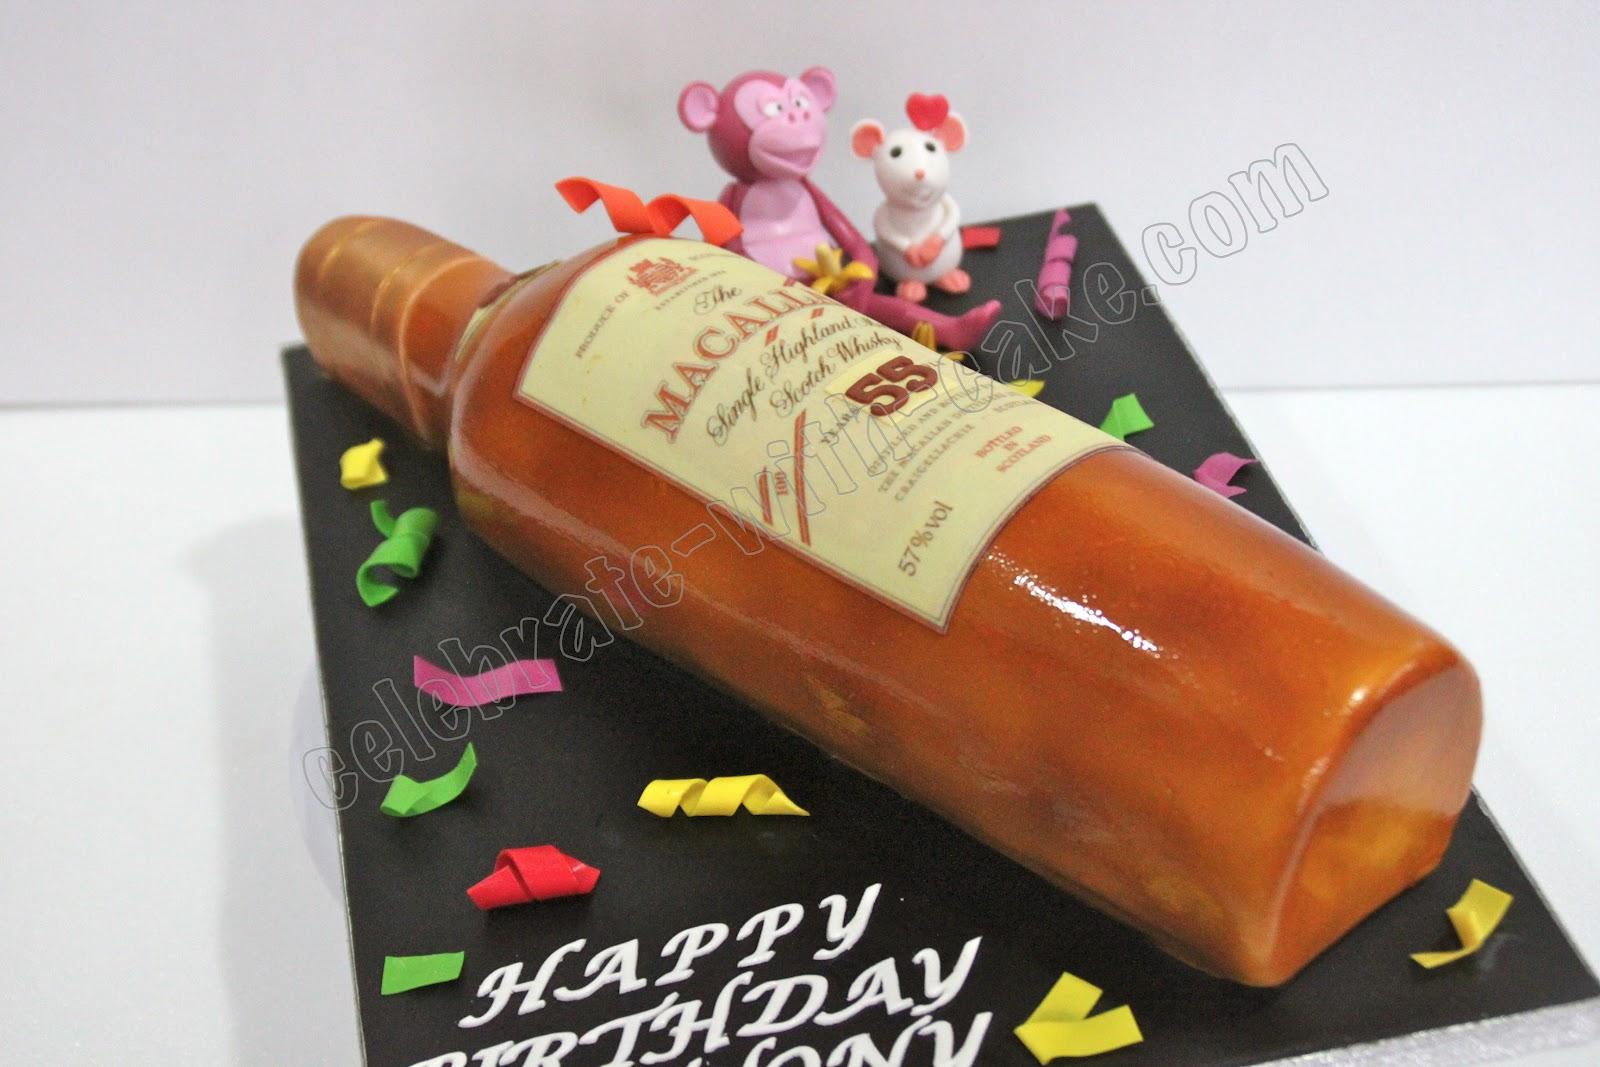 Macallan Whiskey Bottle Cake